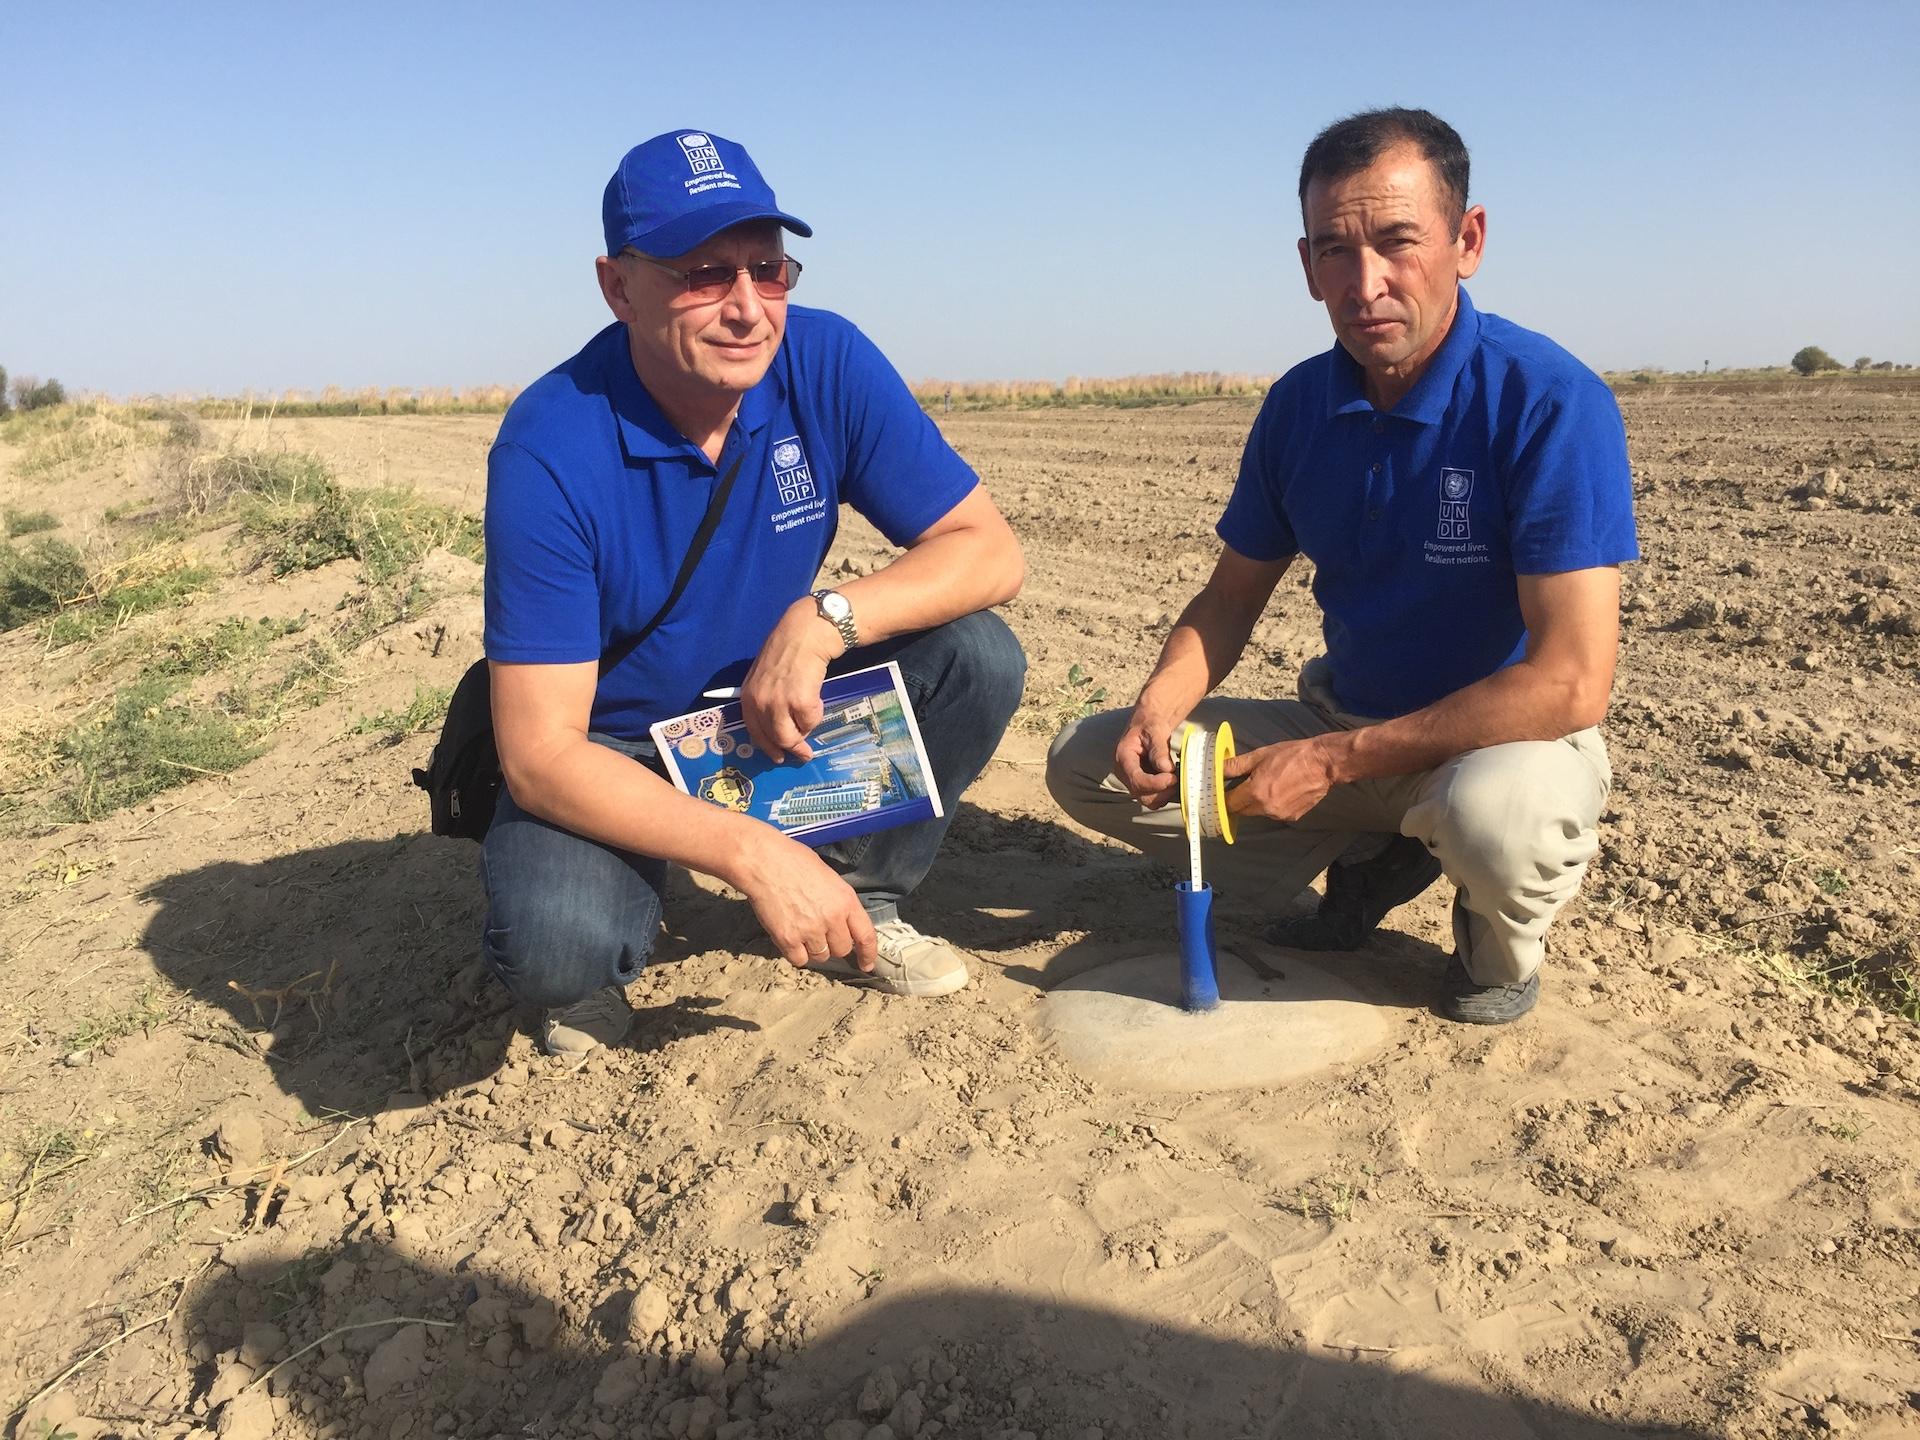 Turkmėnistane A. Maziliauskas kolegoms talkino projektuojant lietaus vandens kaupimo mechanizmus ir talpyklas. Asmeninio archyvo nuotr.